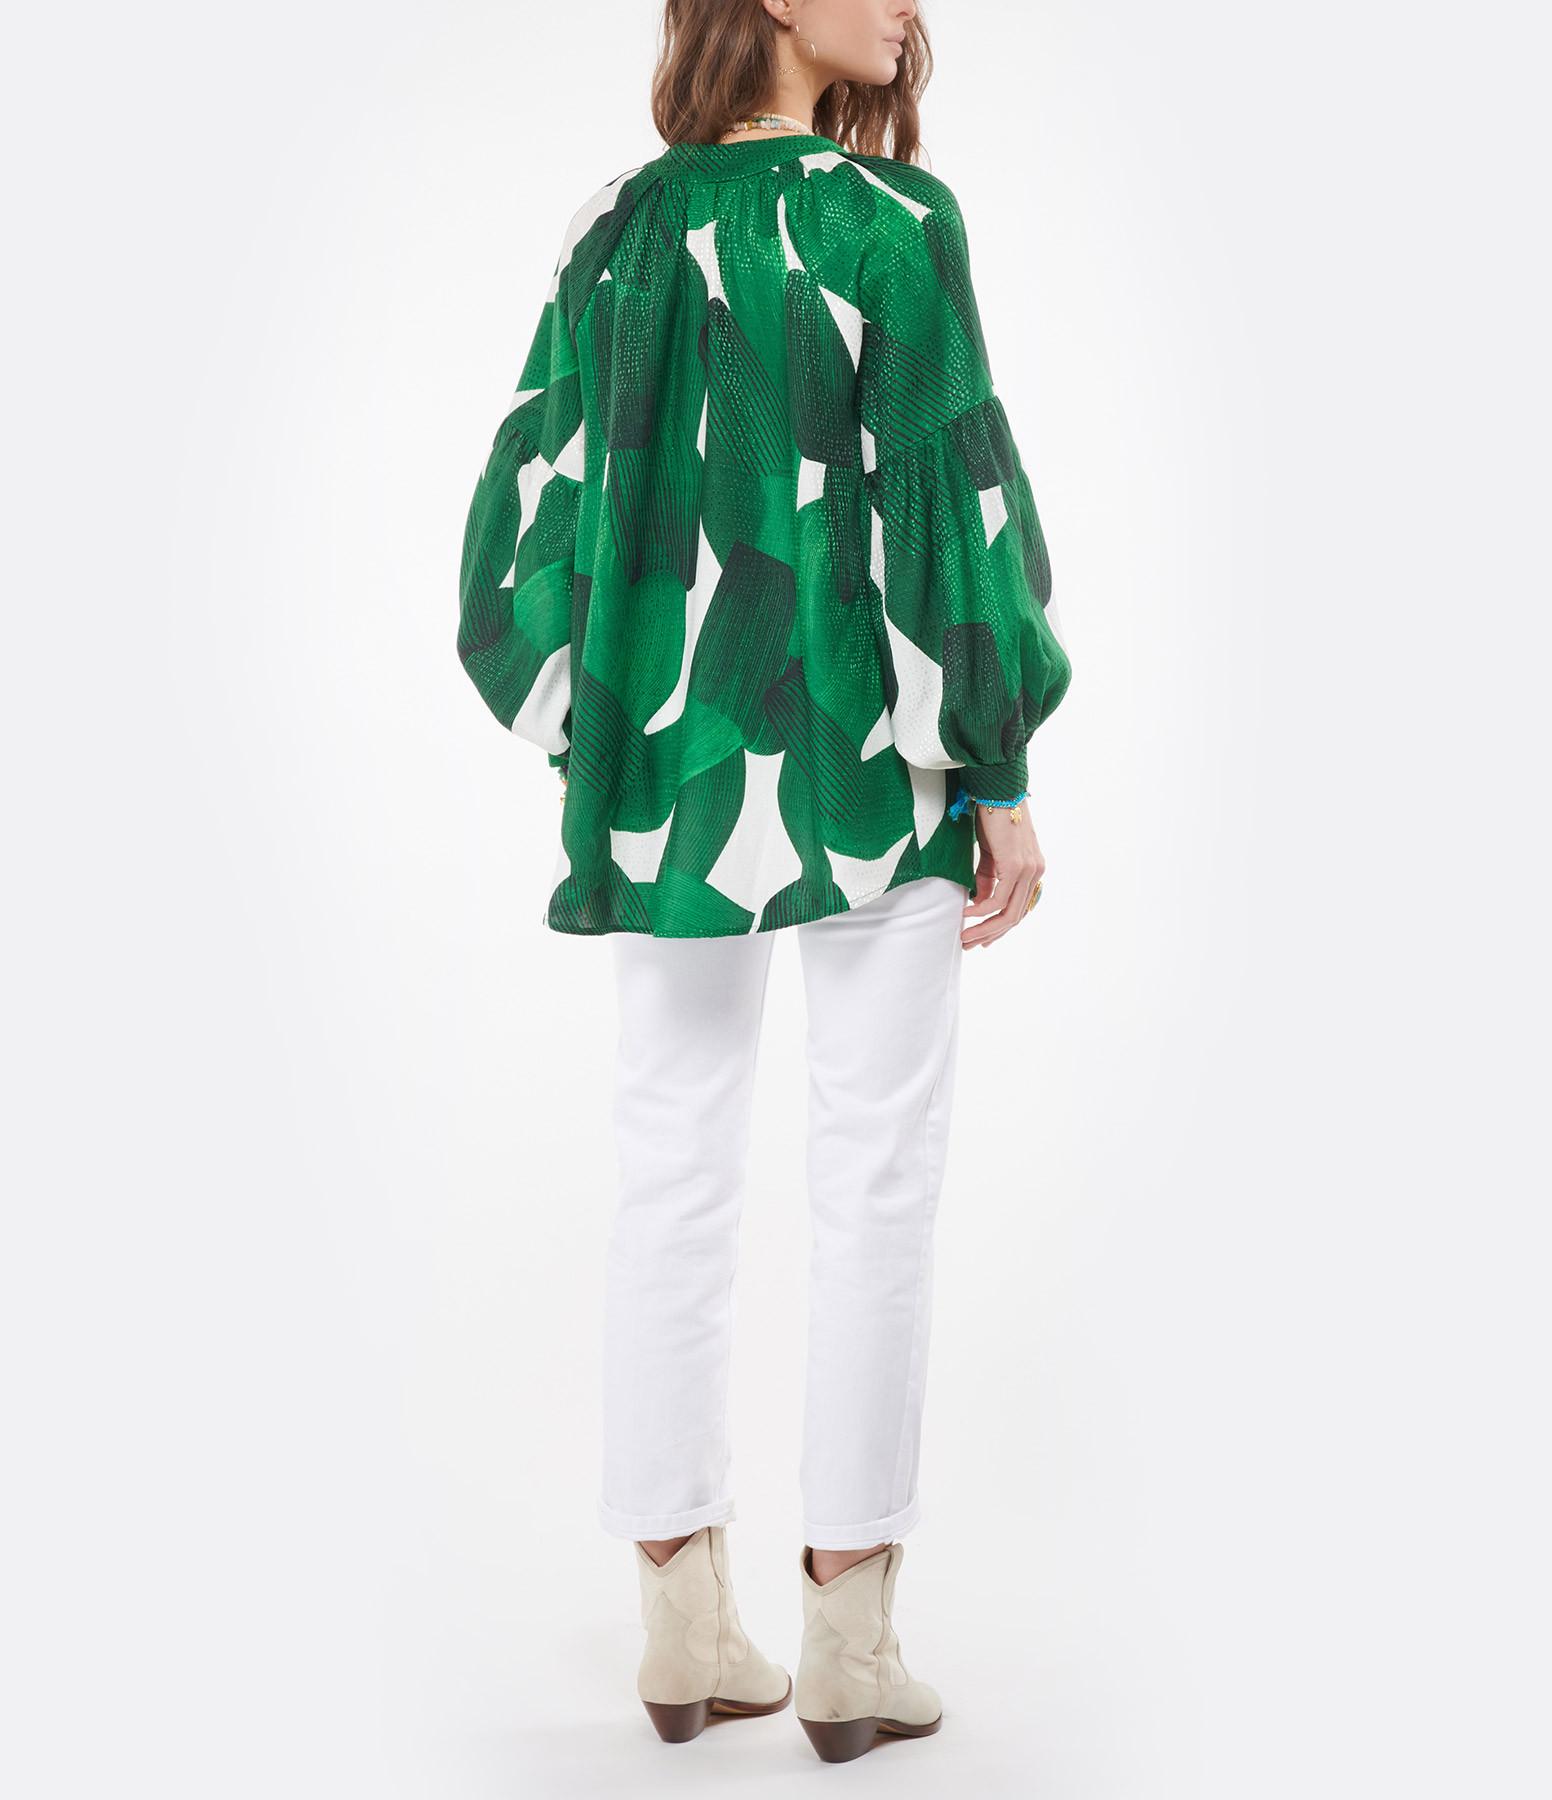 VALENTINE GAUTHIER - Blouse Barragan Coton Imprimé Vert